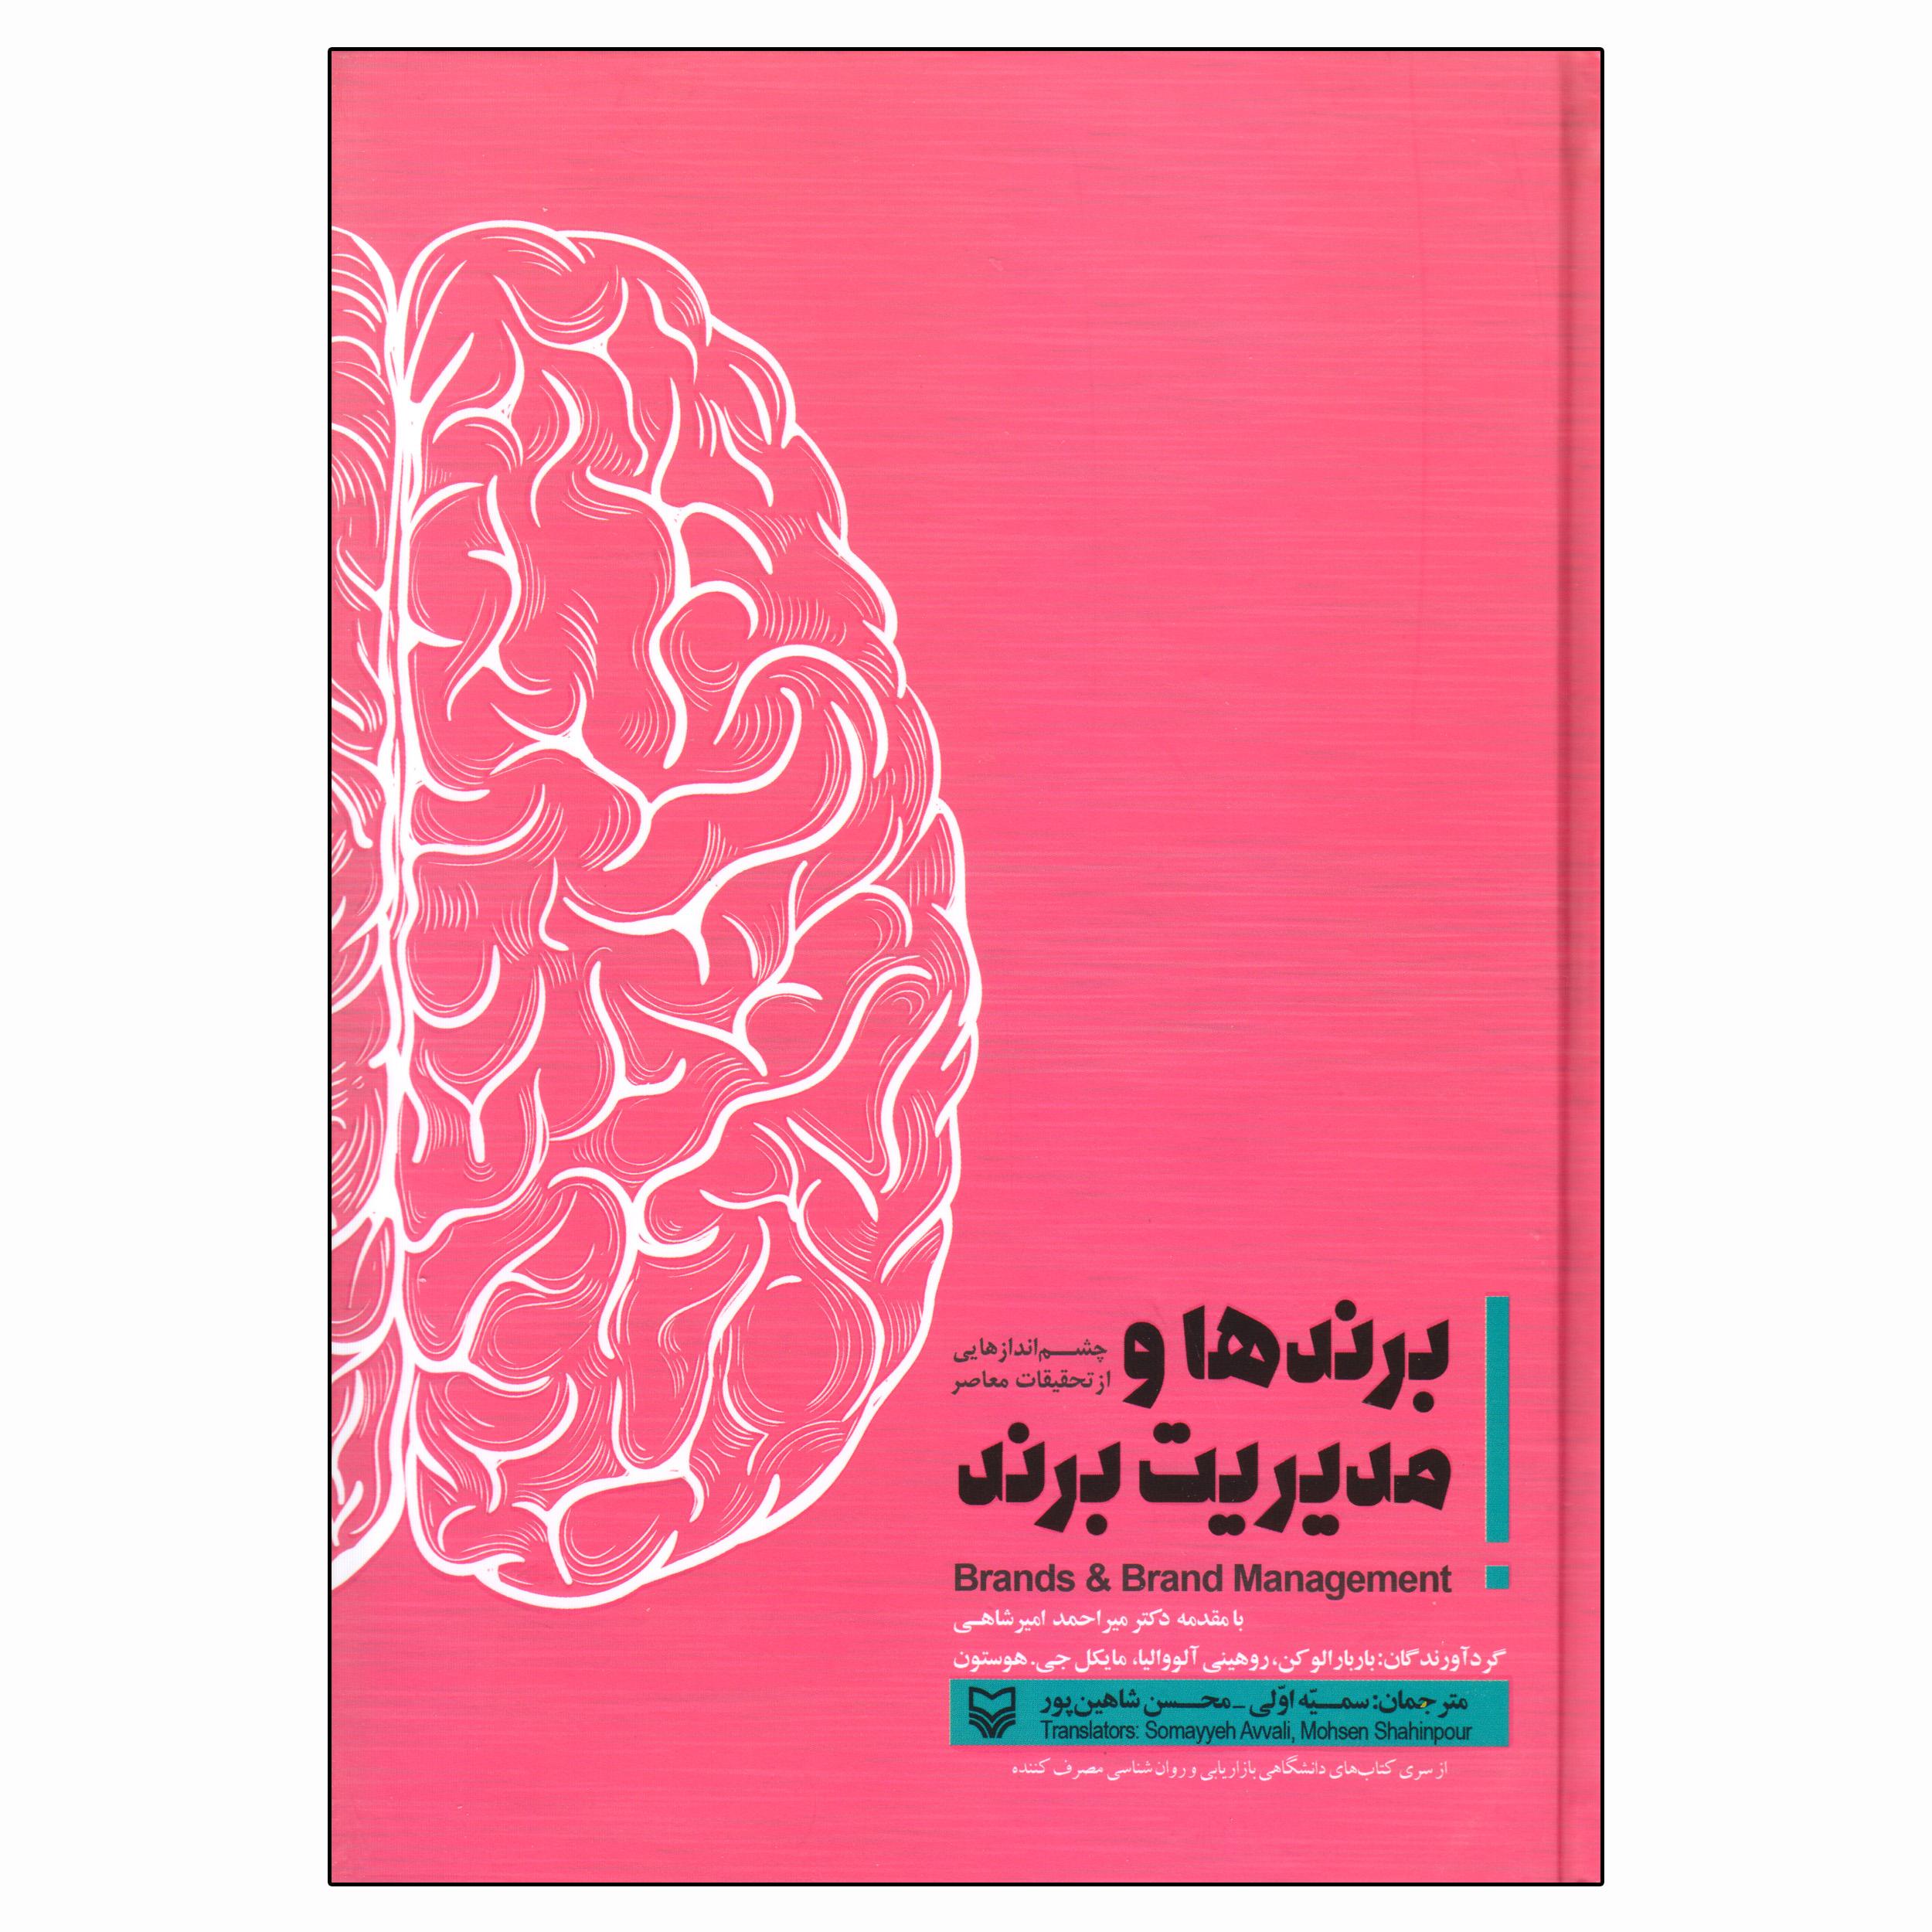 کتاب برندها و مدیریت برند اثر جمعی از نویسندگان انتشارات سوره مهر